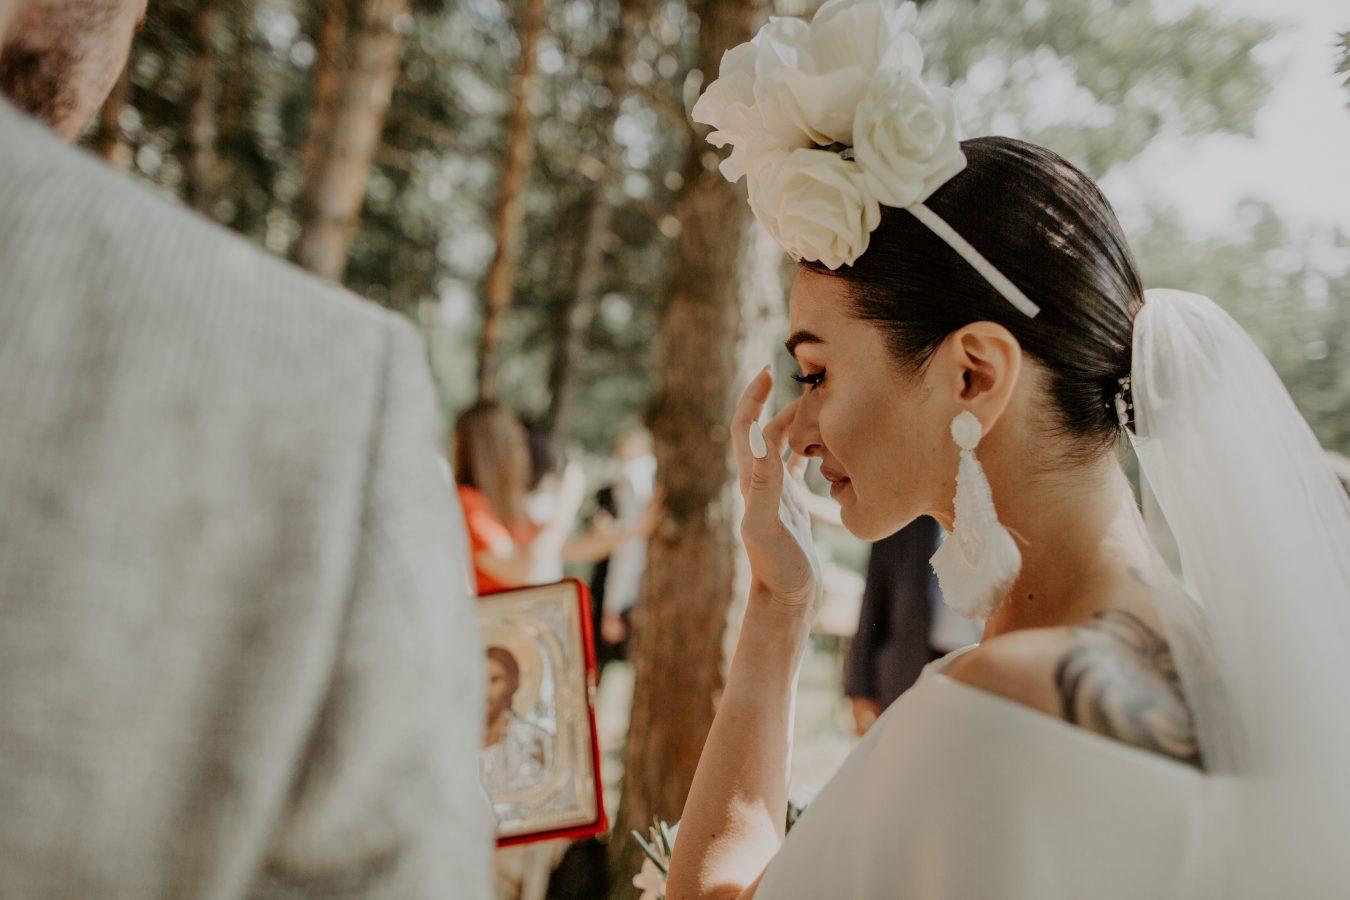 Real Bride Khatia crying at wedding reception